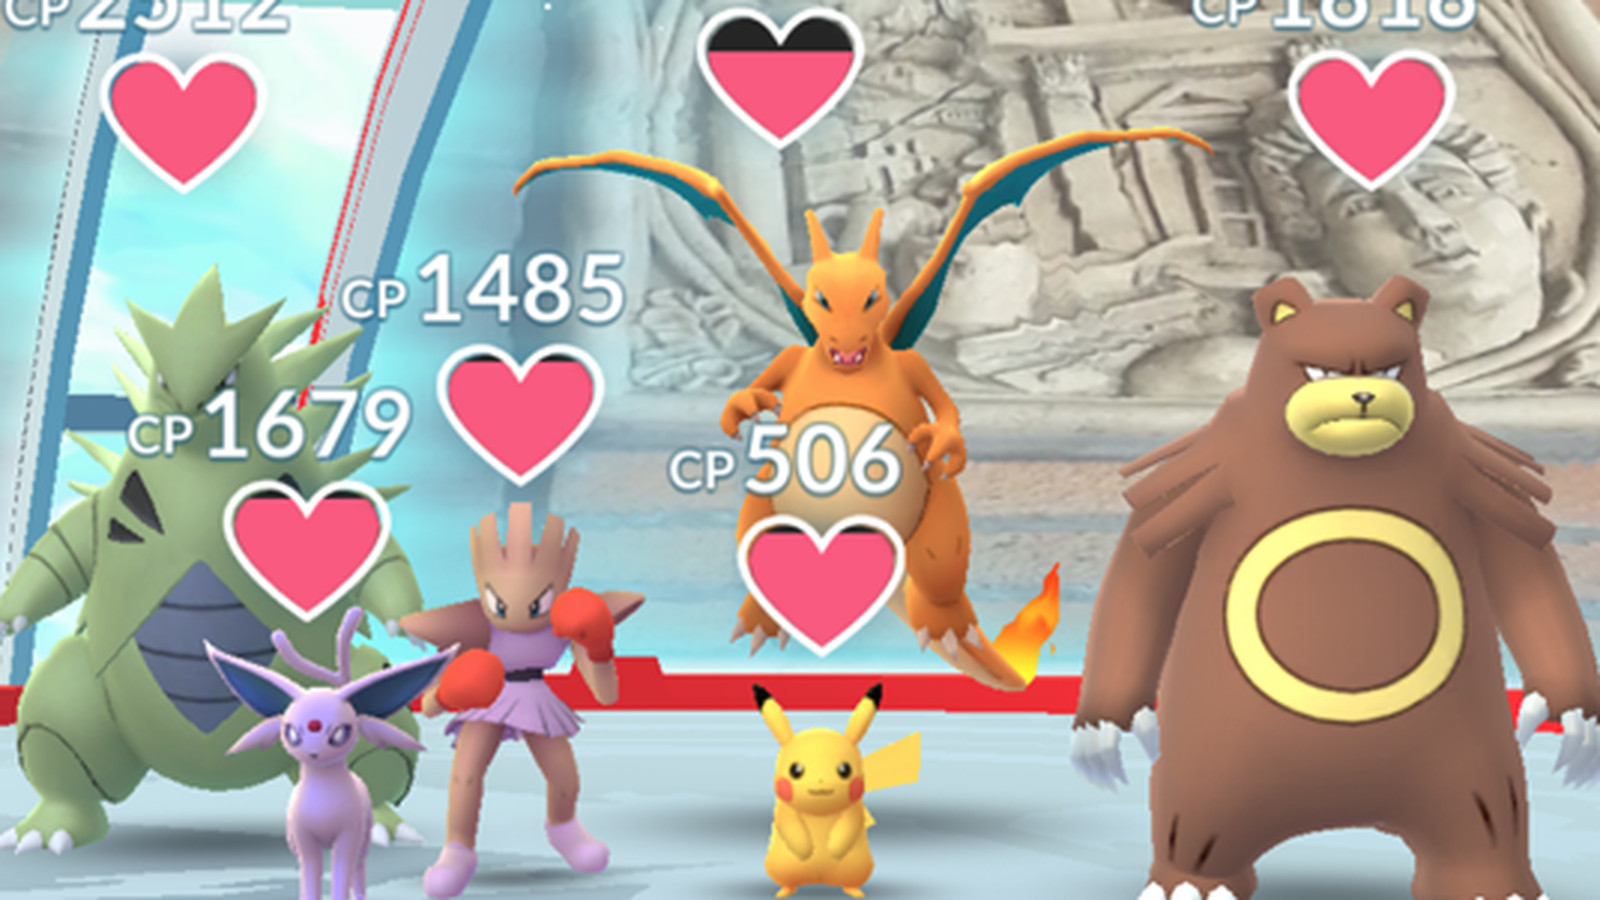 Pokémon Go's new update lets you be a little bit lazier